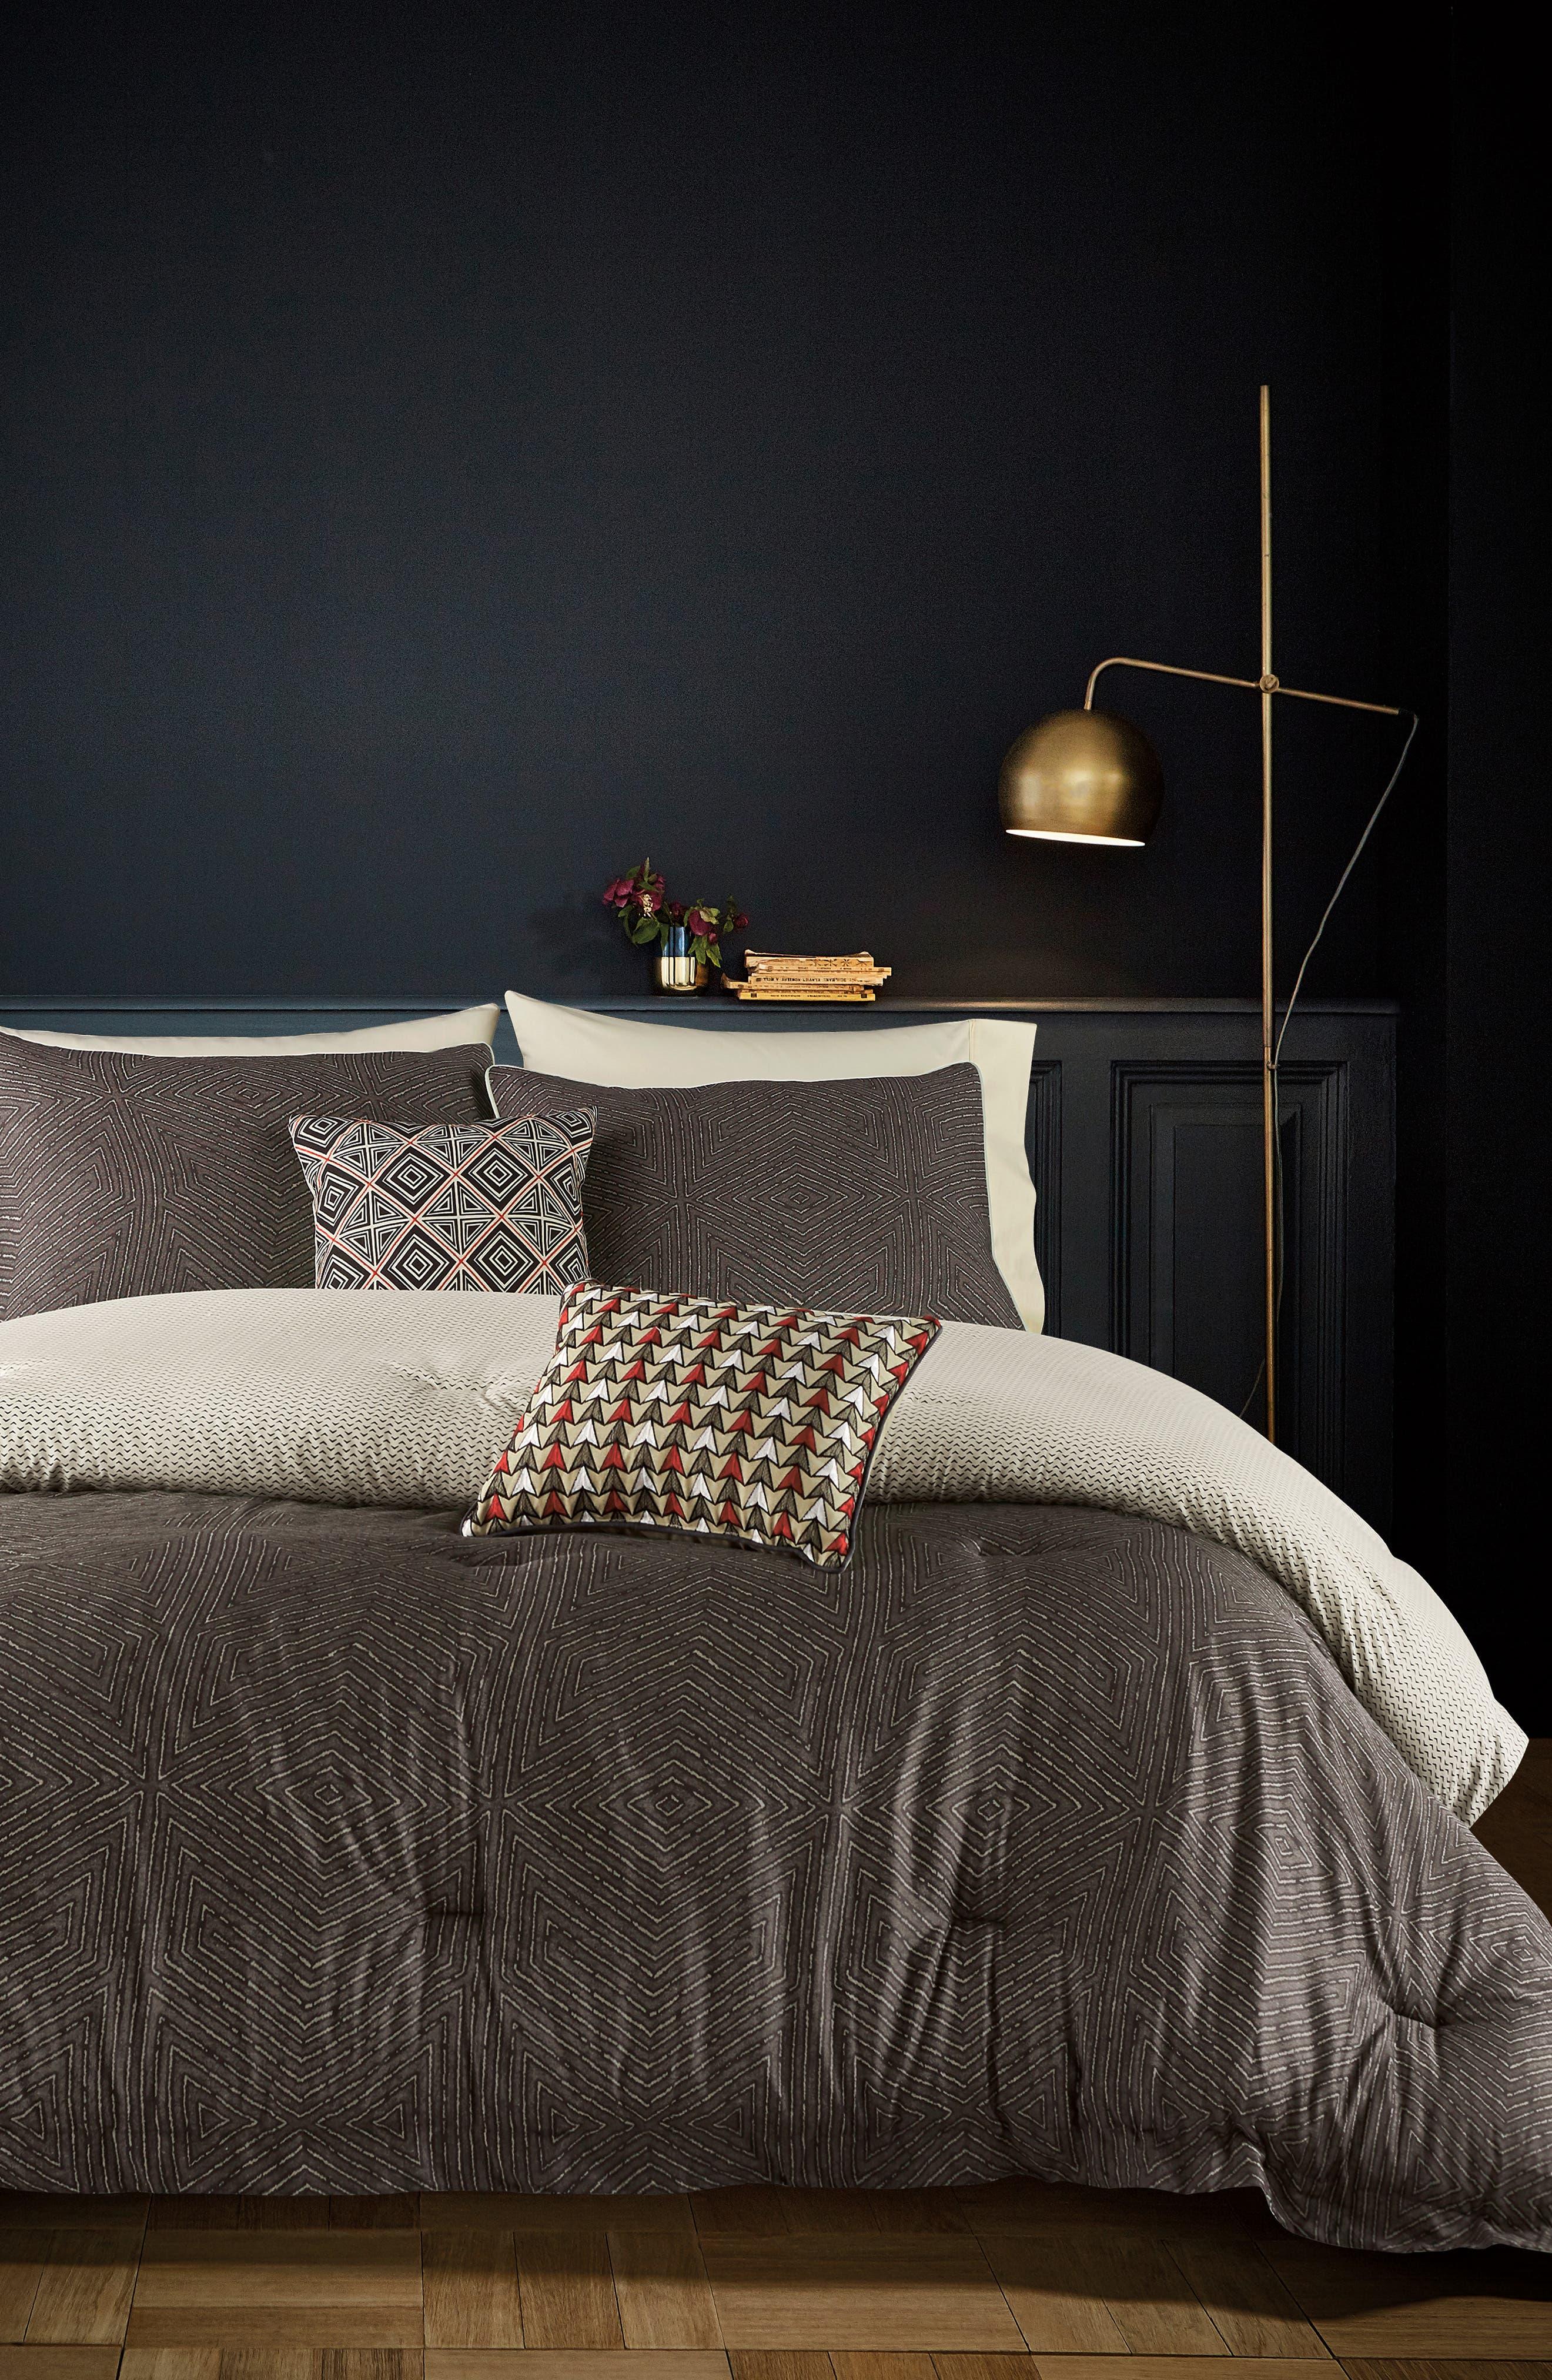 BEDECK,                             Arro Comforter, Sham & Accent Pillow Set,                             Alternate thumbnail 9, color,                             CHARCOAL